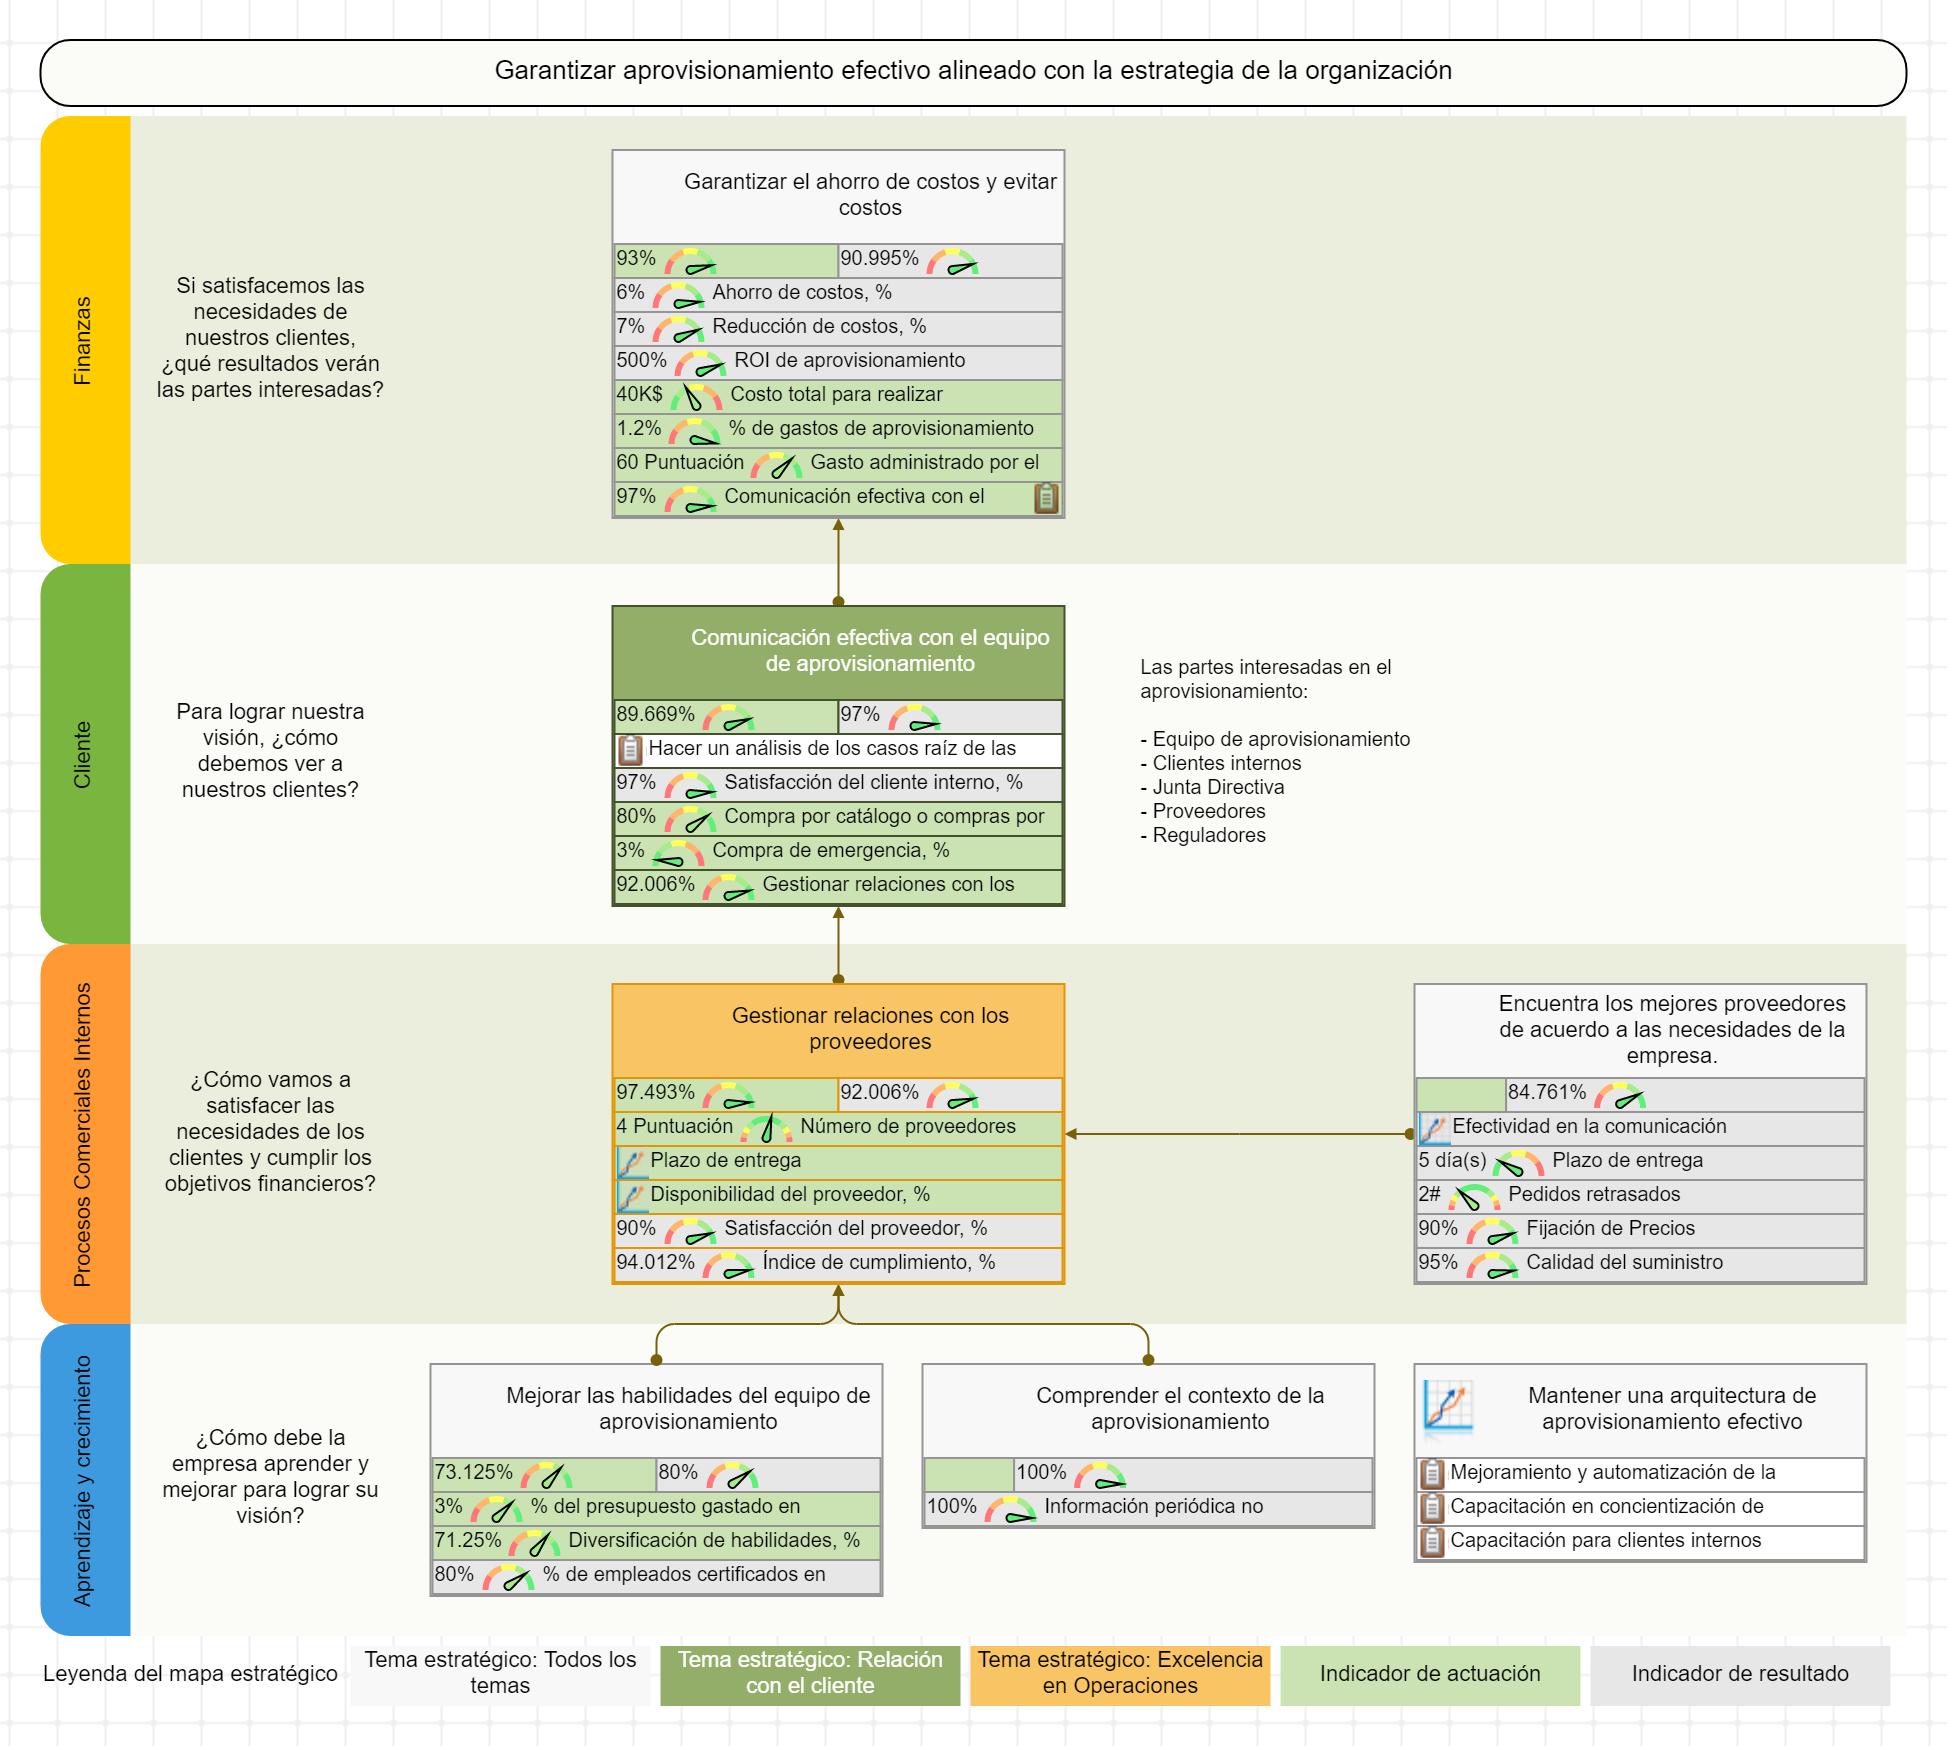 Mapa estratégico para aprovisionamiento